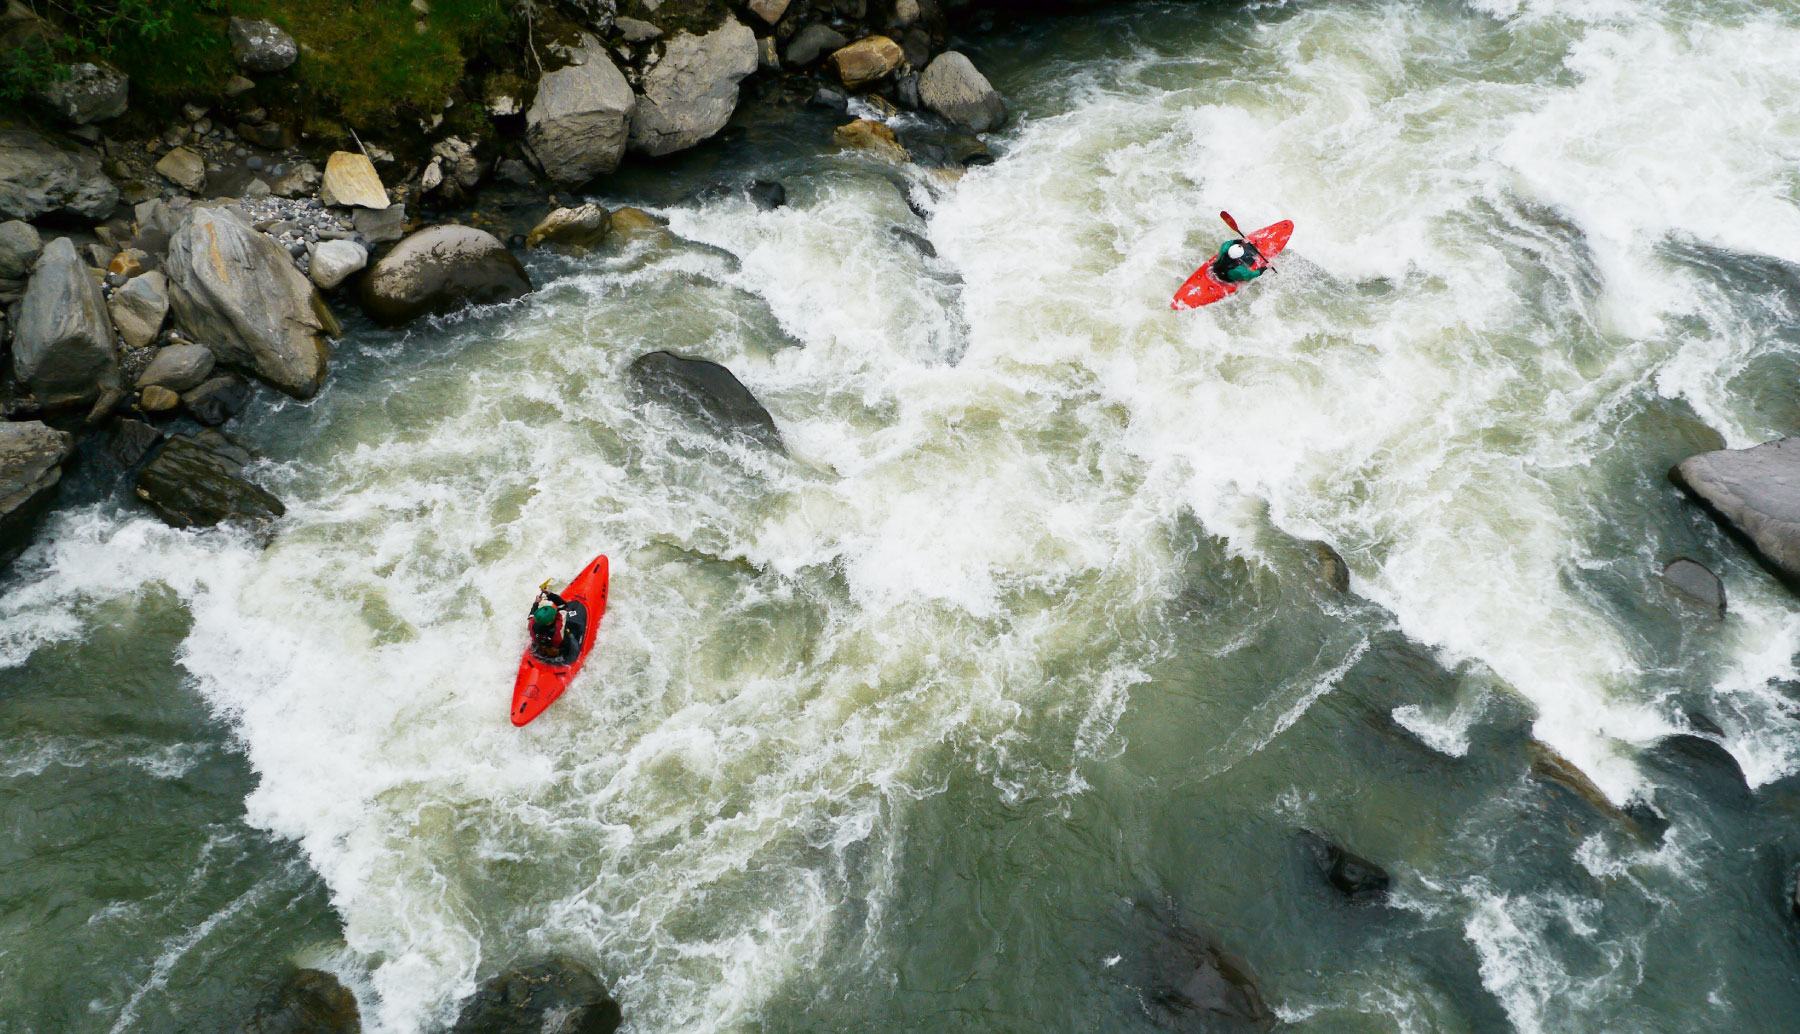 Whitewater kayak Ecuador   Kayak Guided trip Ecuador